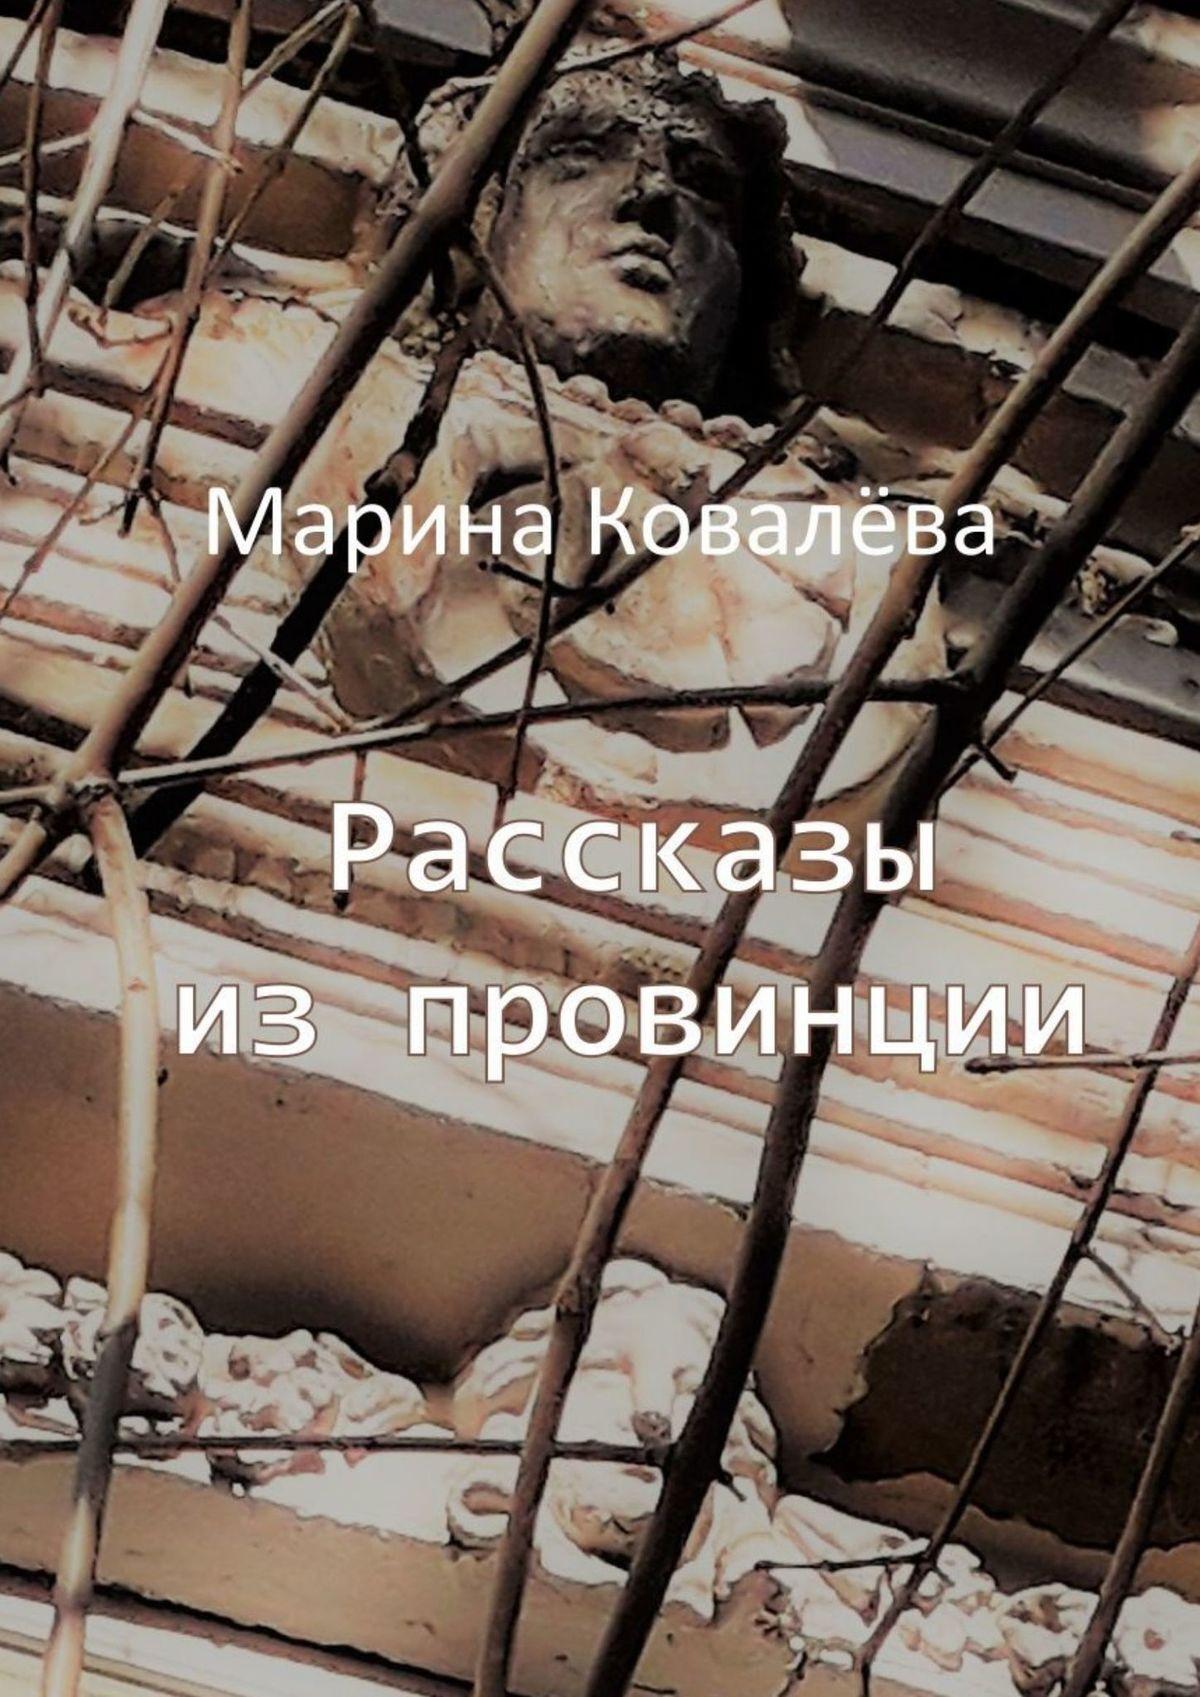 Марина Ковалёва Рассказы изпровинции